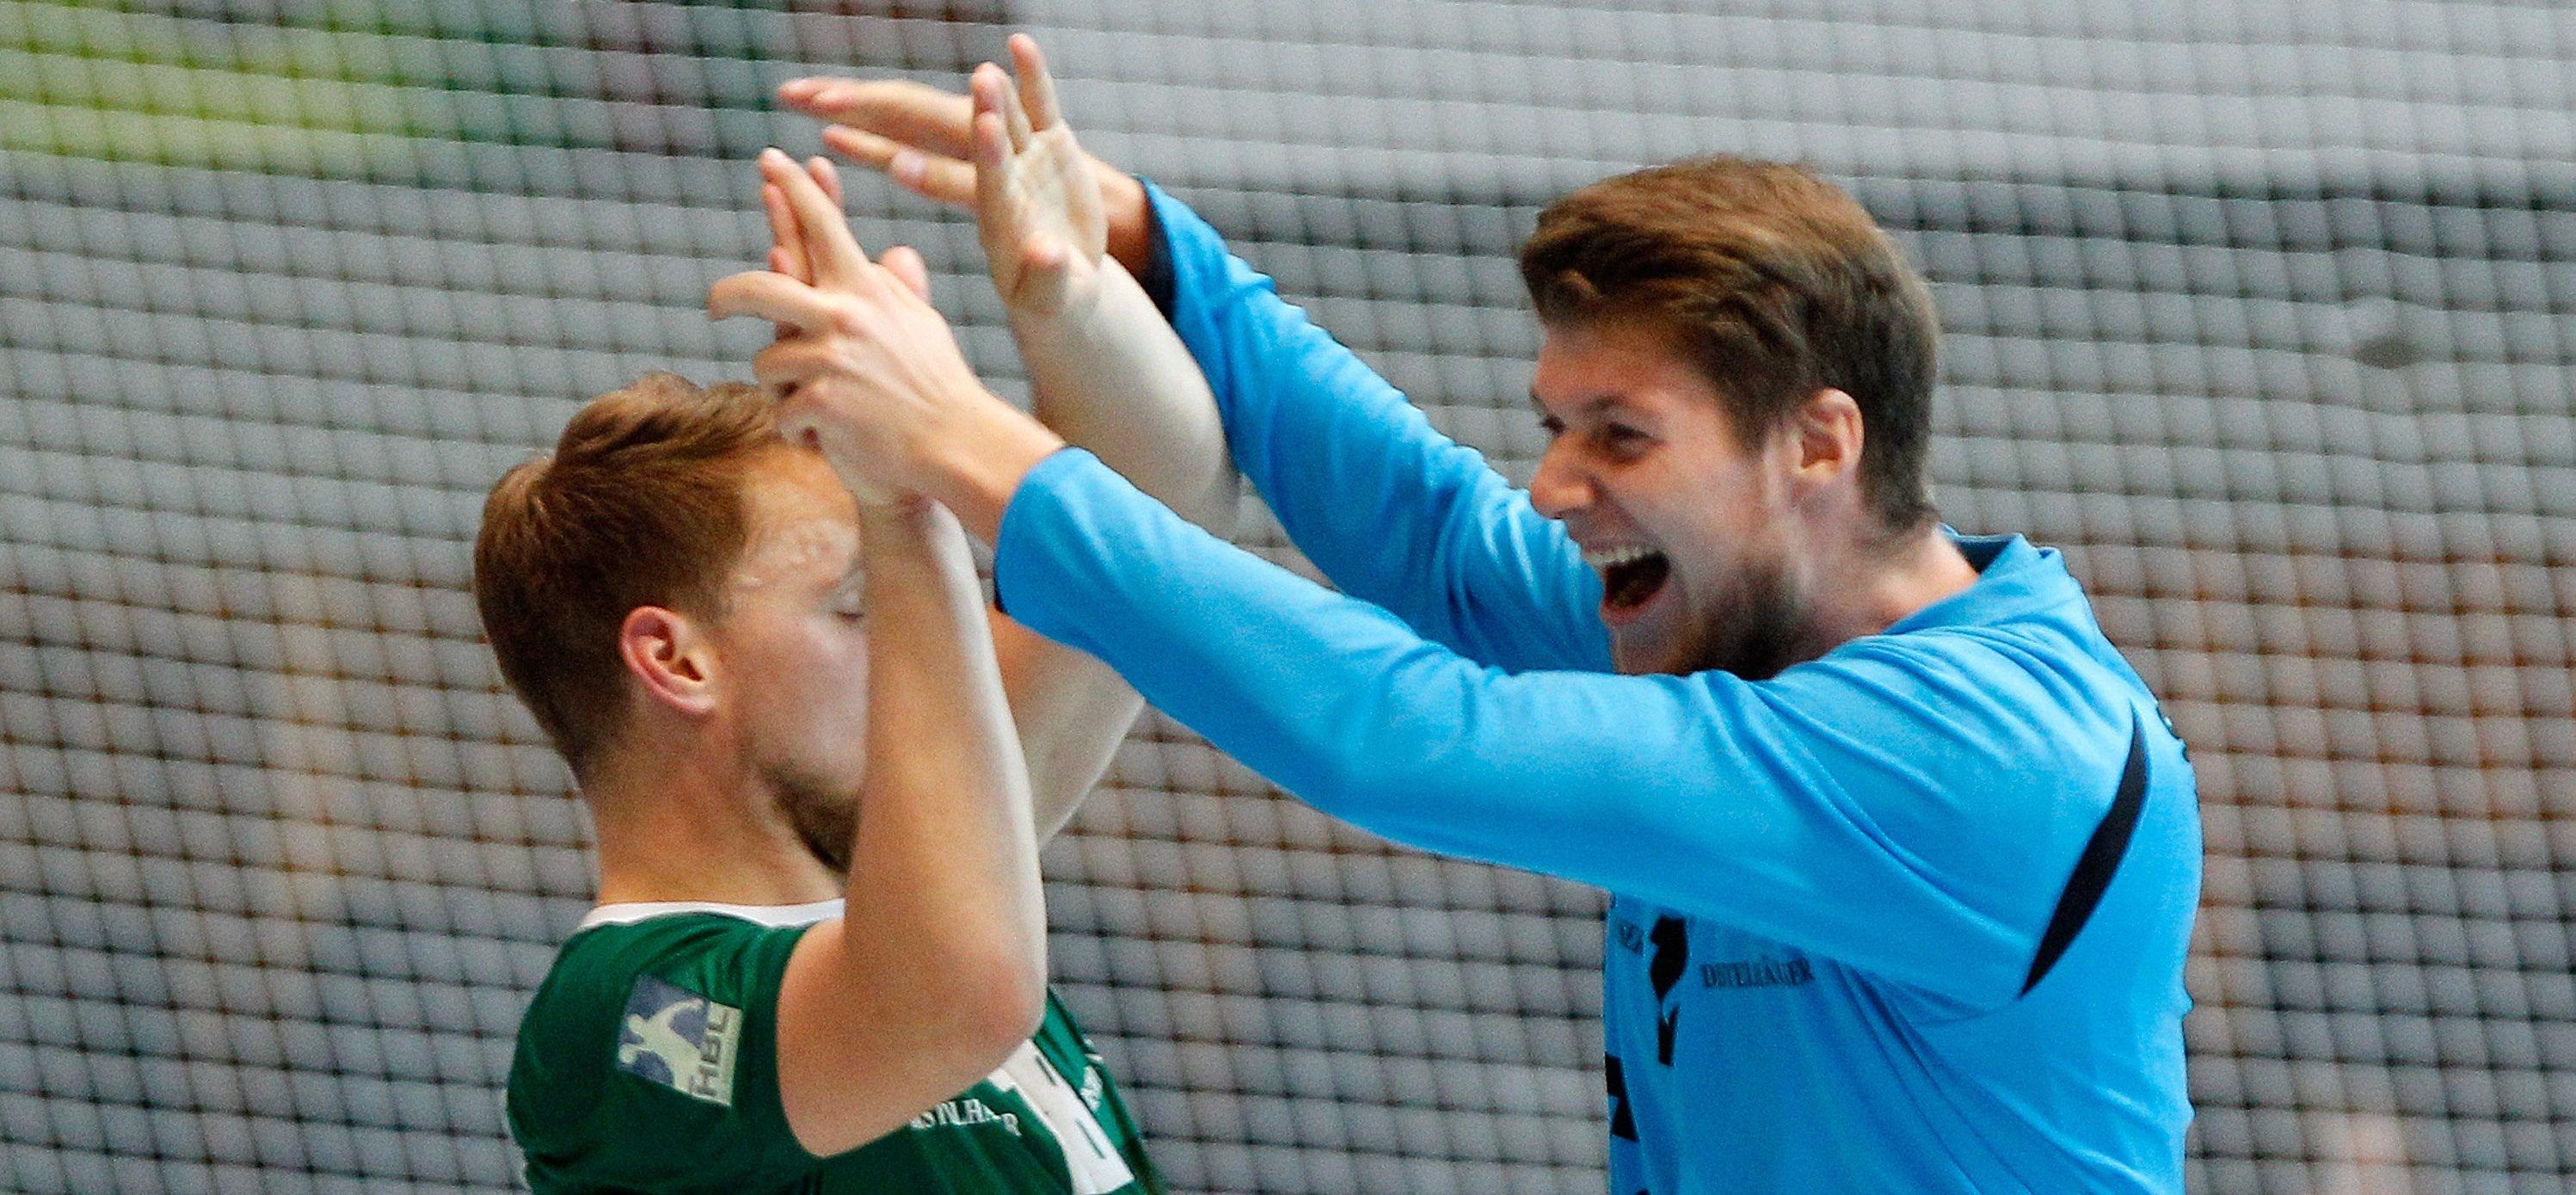 DKB 2. Handball-Bundesliga, DJK Rimpar Wölfe - HC Empor Rostock